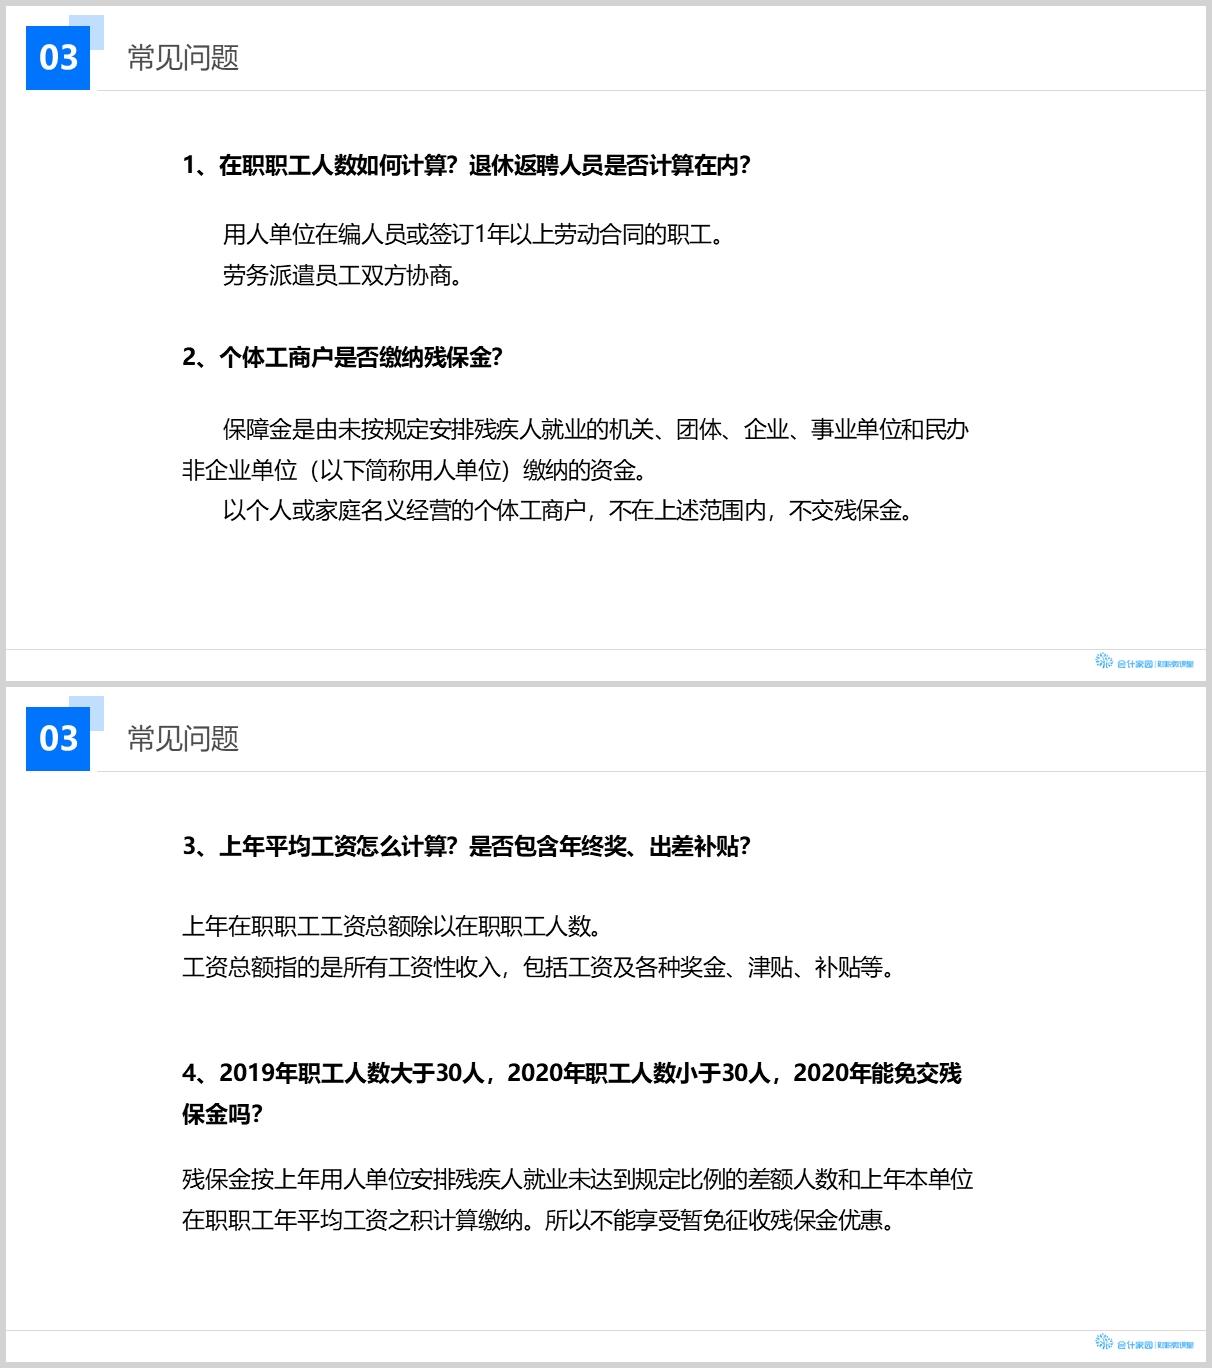 【7-29】听国家政策大变,享小微企业福音 2020年残保金征收详解4.jpg